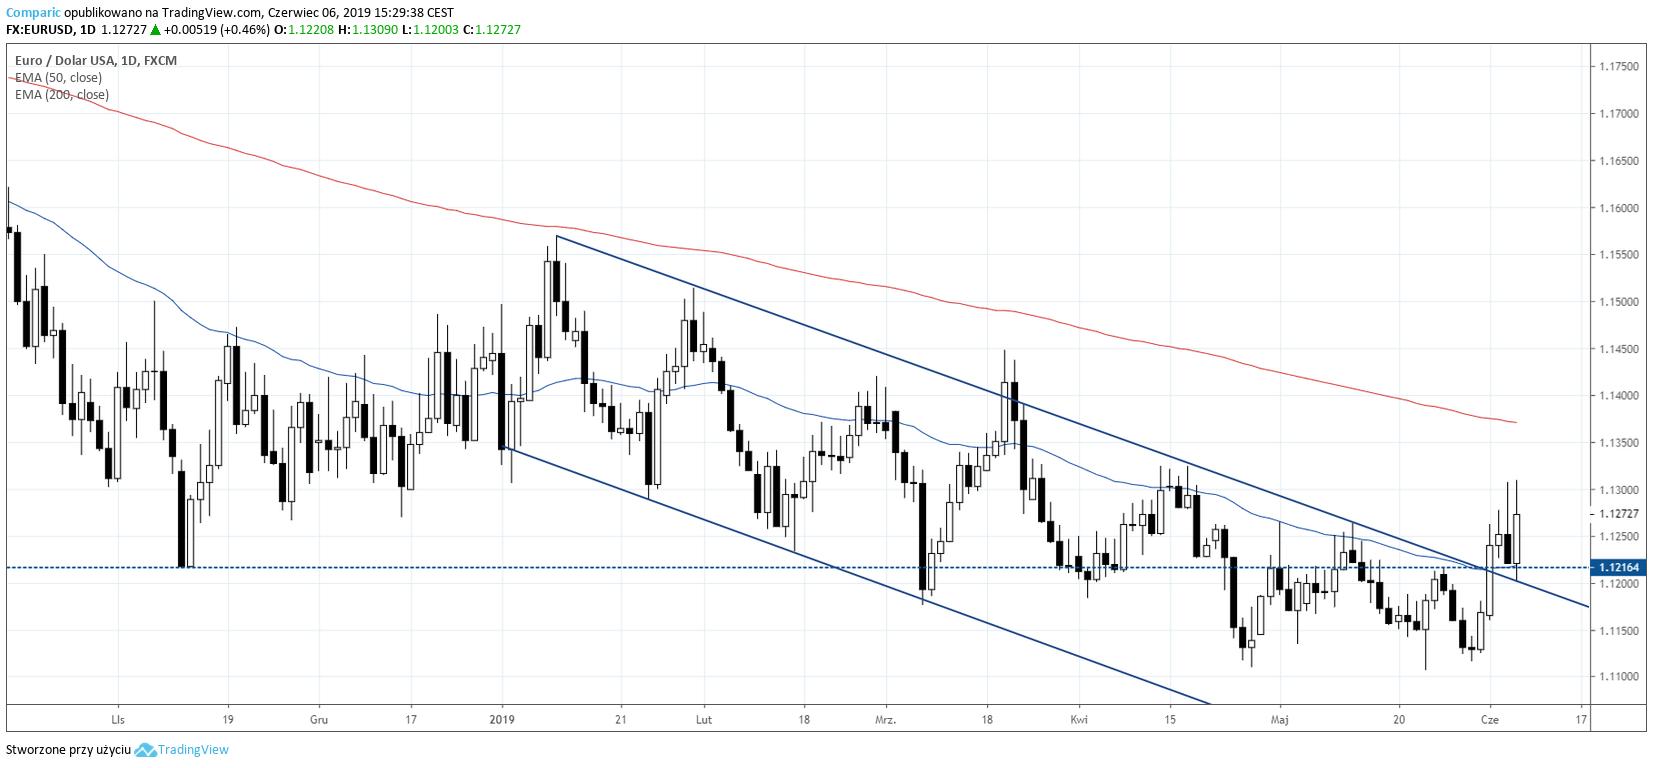 Kurs euro do dolara po posiedzeniu EBC wyraźnie zyskuje